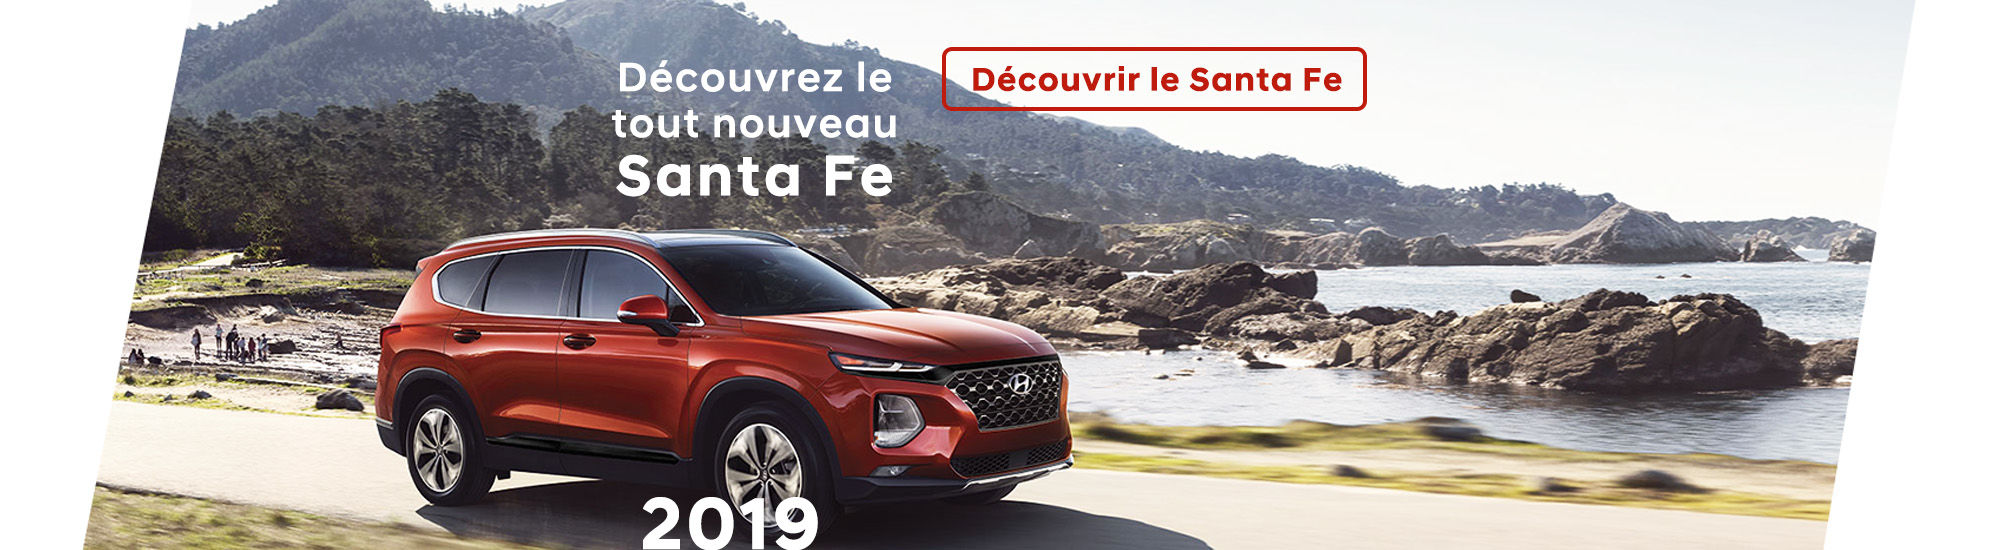 Santa Fe 2019